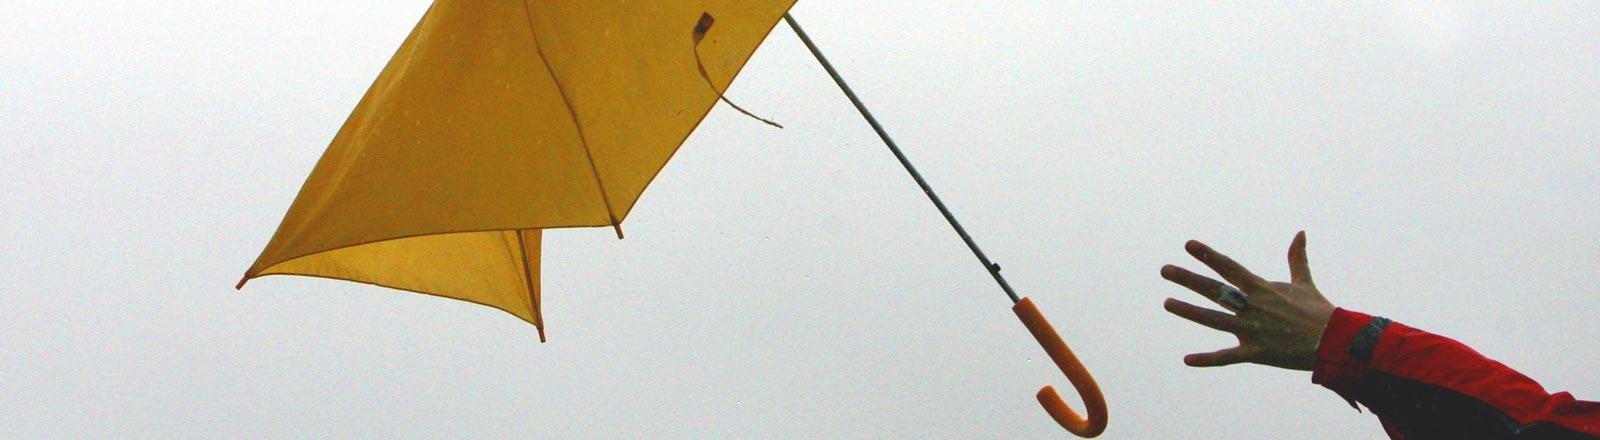 Tief Kyrill reißt einem Fußgänger den gelben Regenschirm aus der Hand.